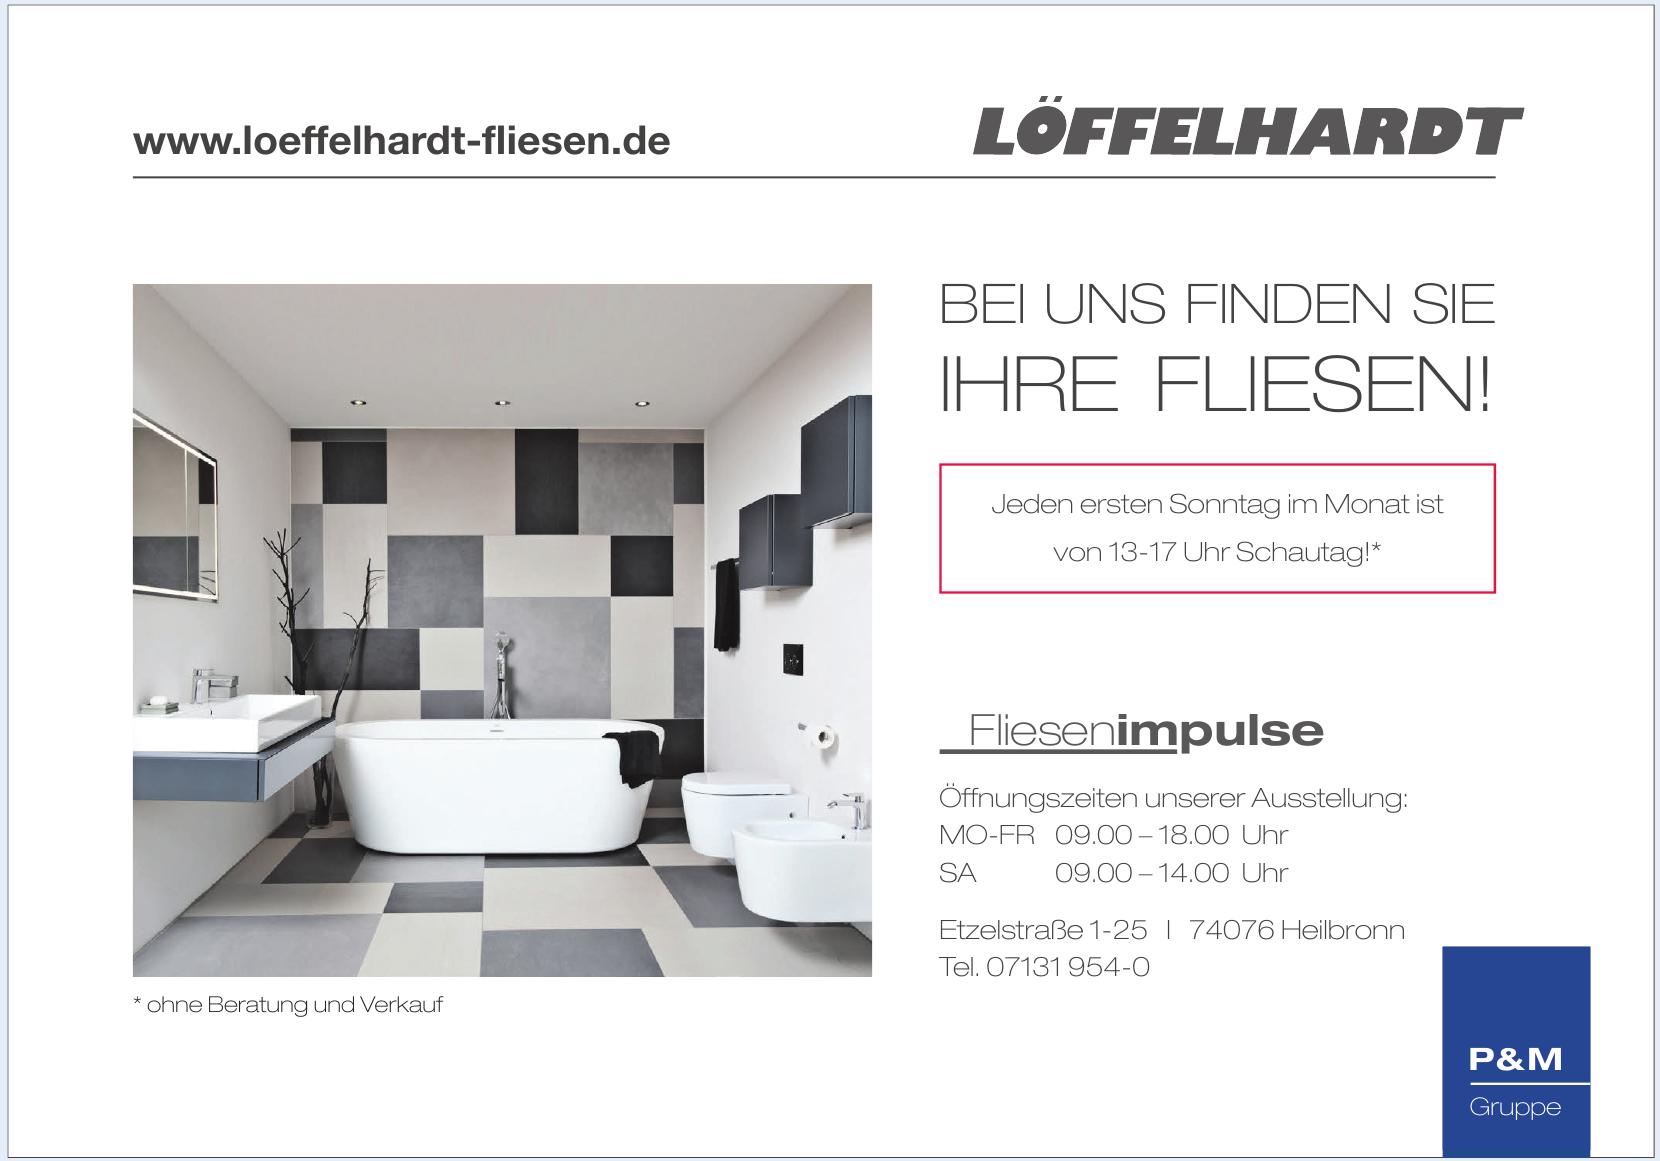 Löffelhardt Fliesen